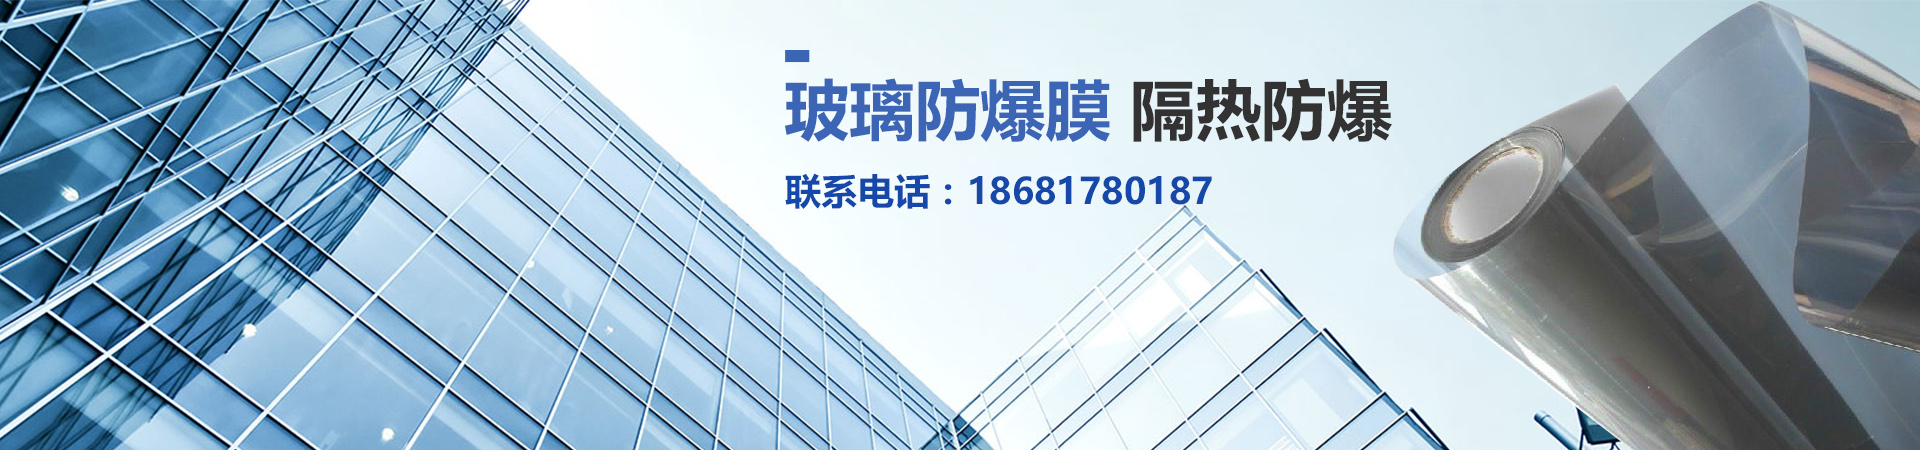 建筑贴膜公司